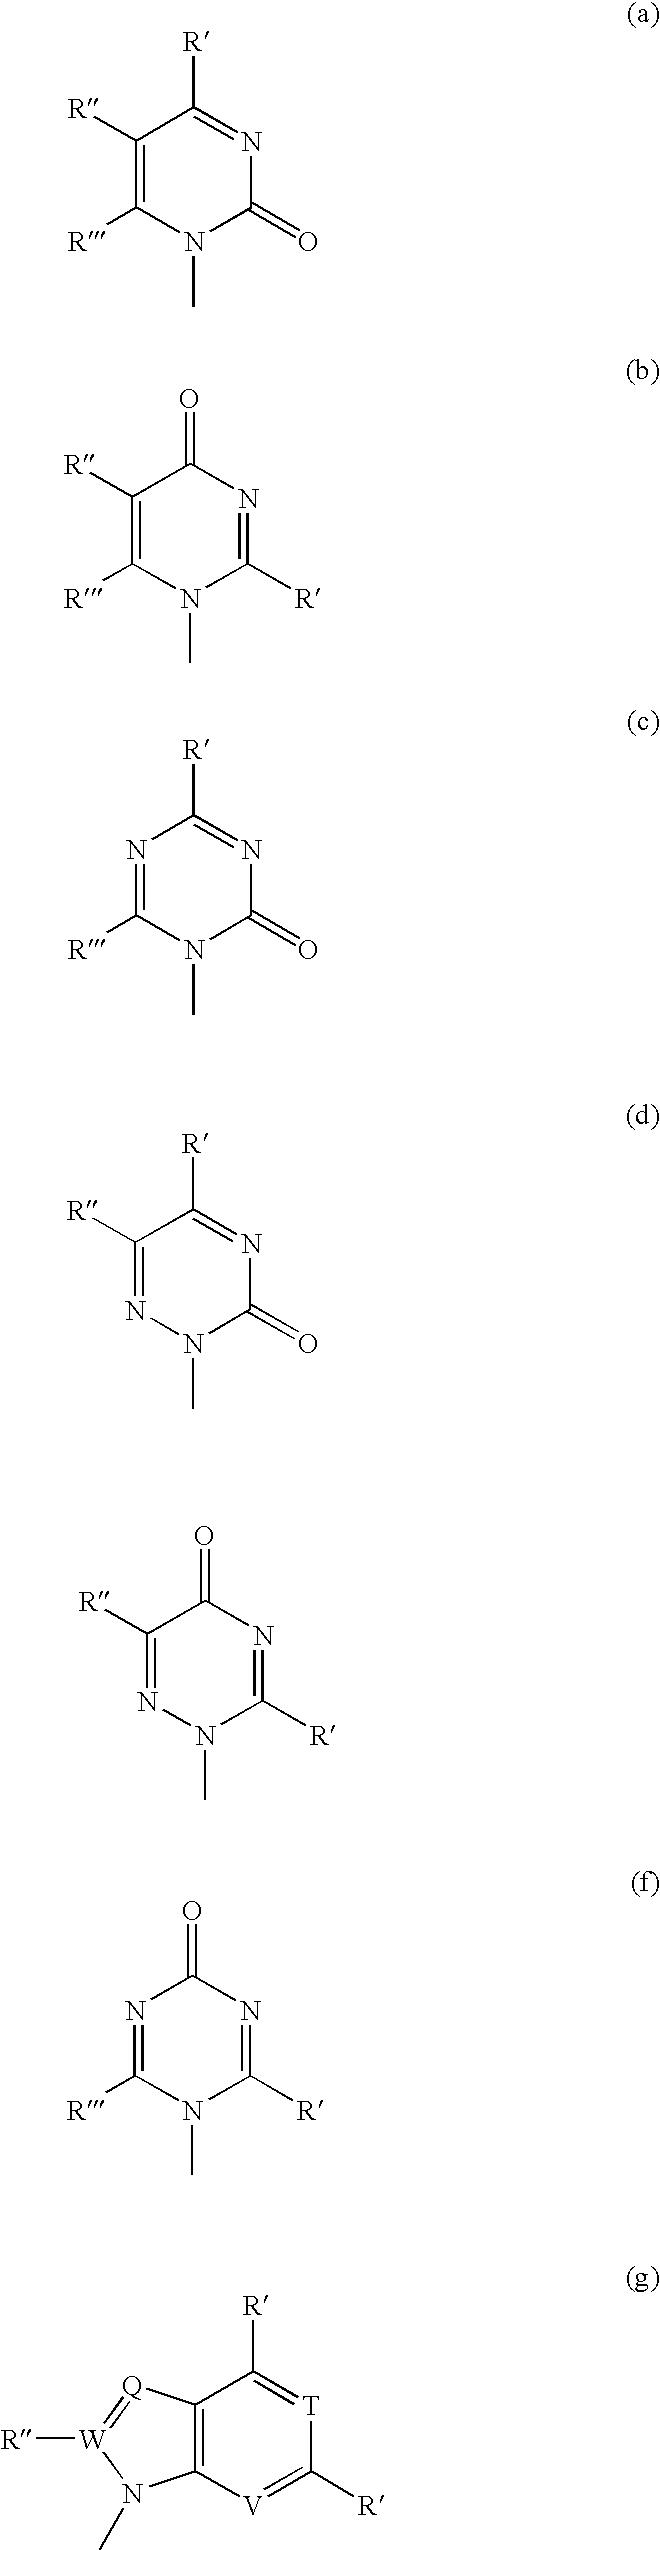 Figure US07608600-20091027-C00061